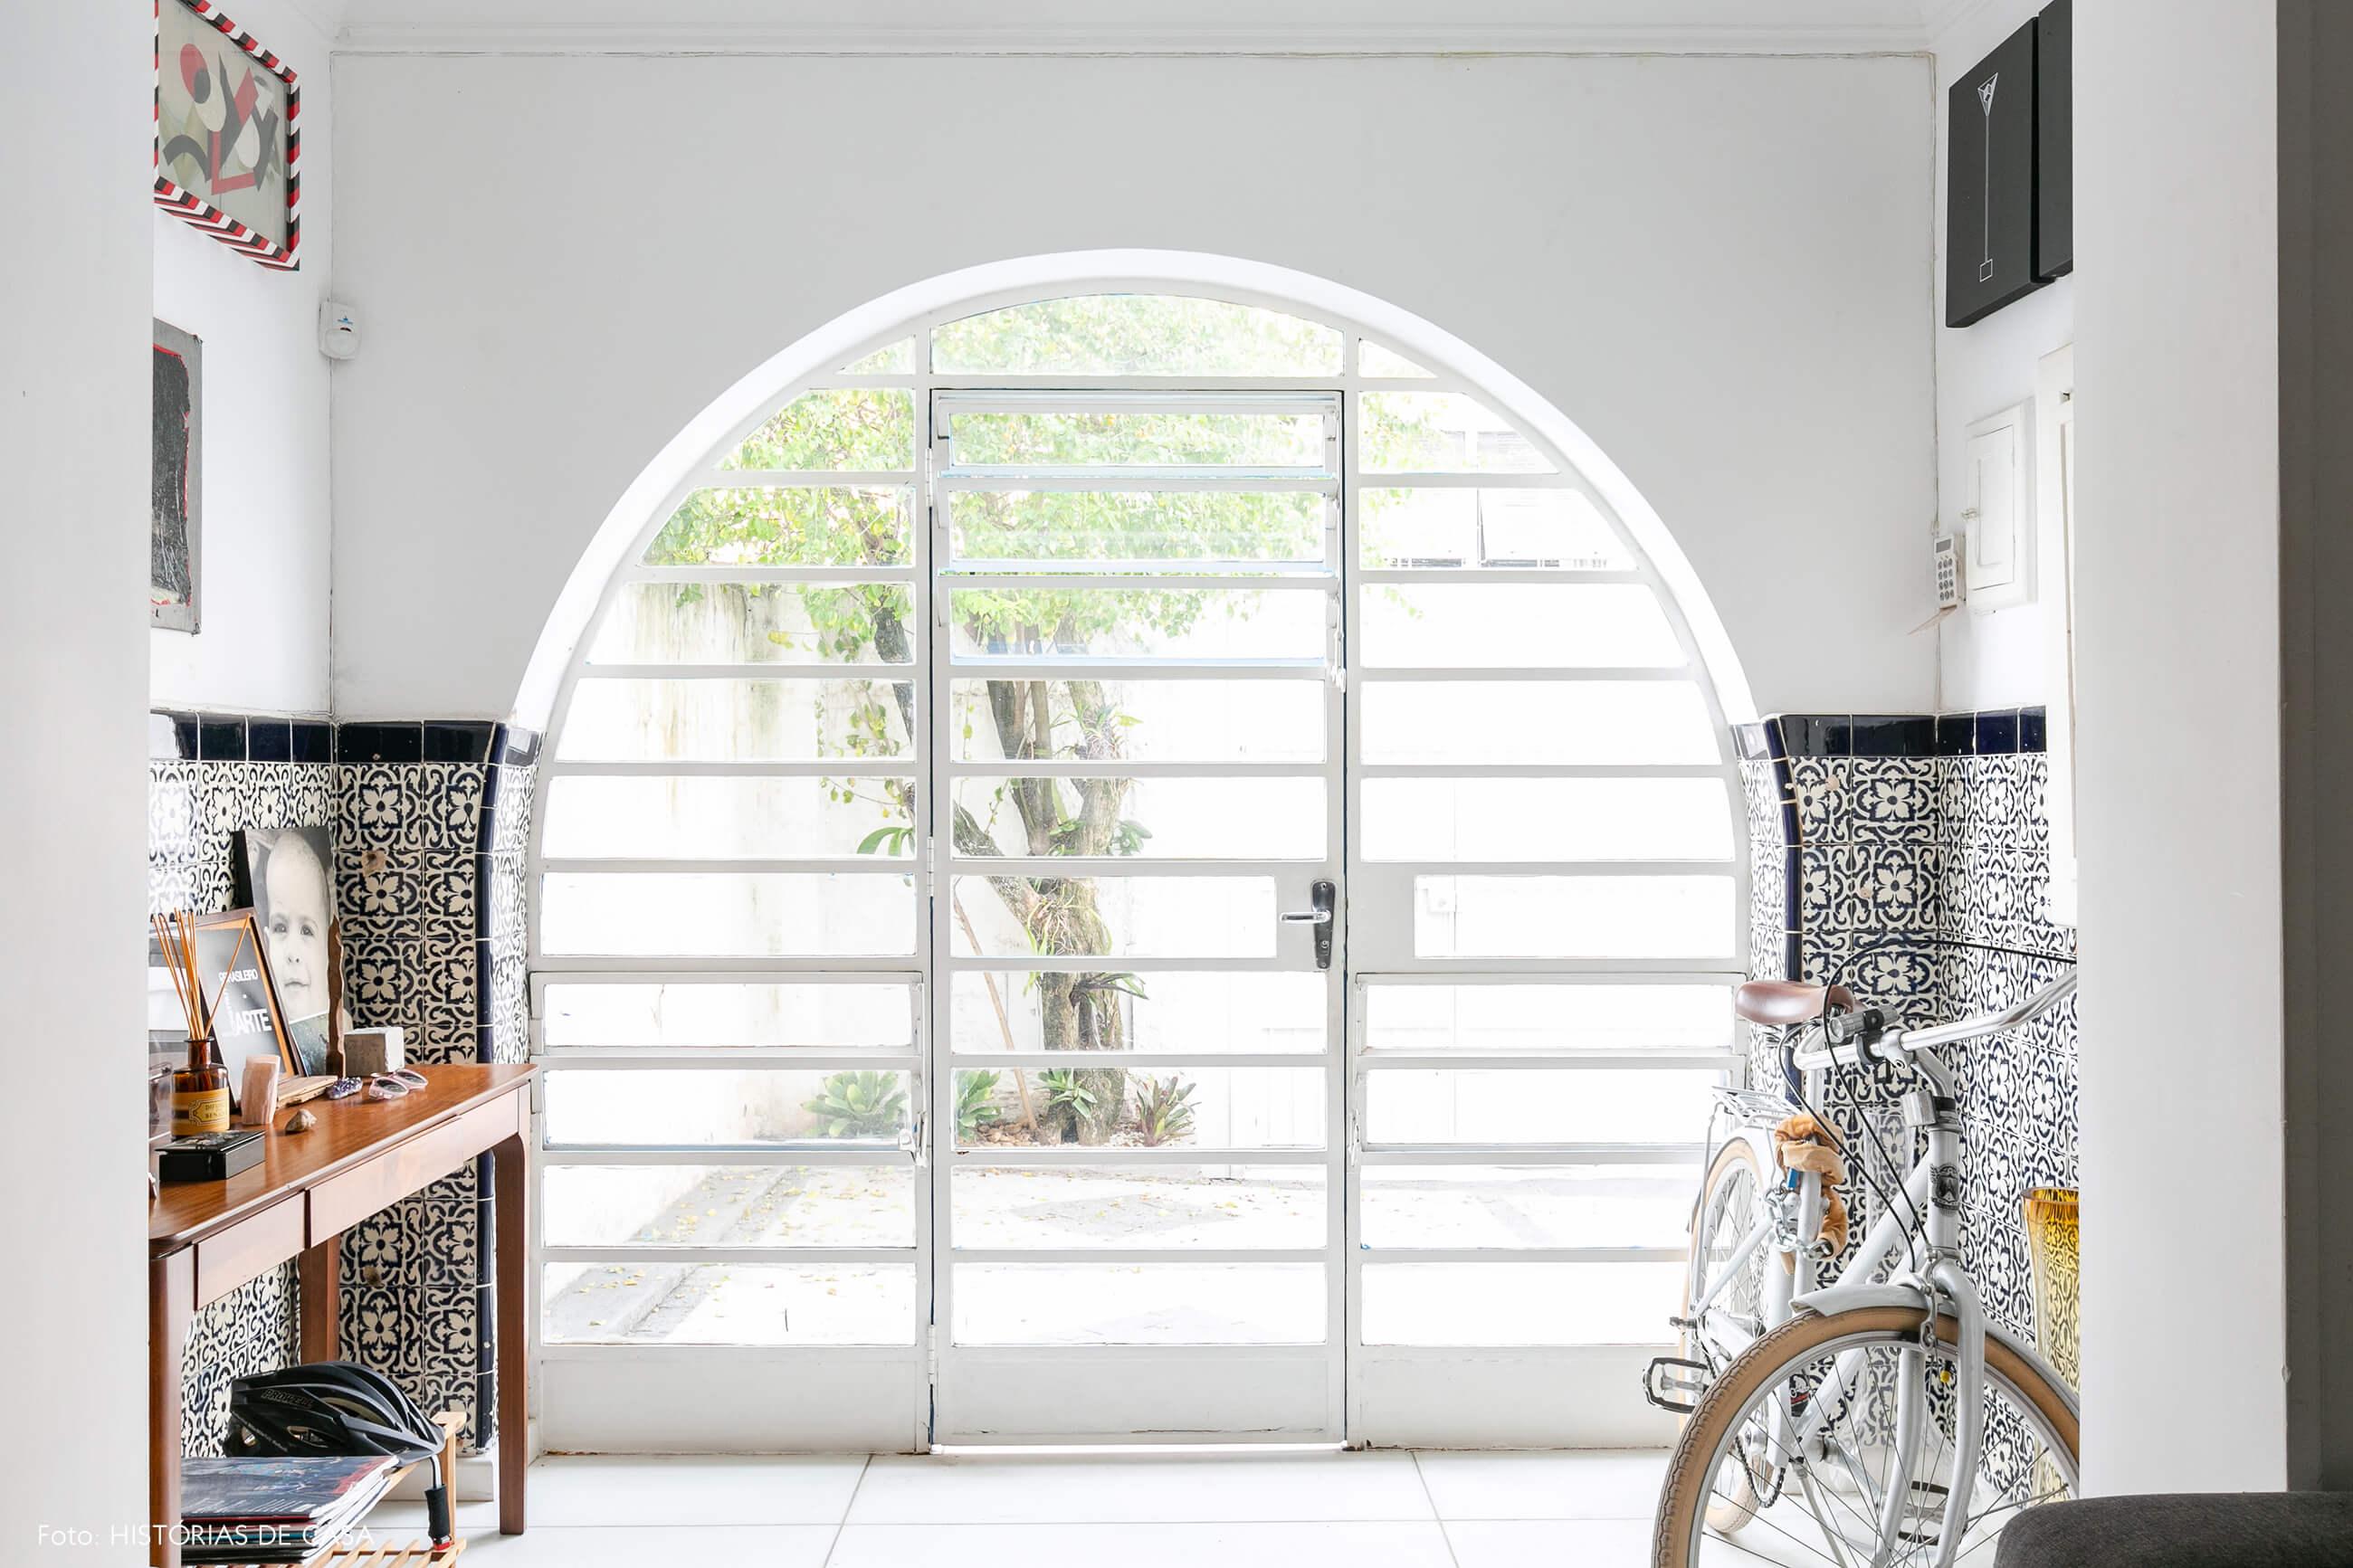 Esquadrias brancas em arco em casa antiga